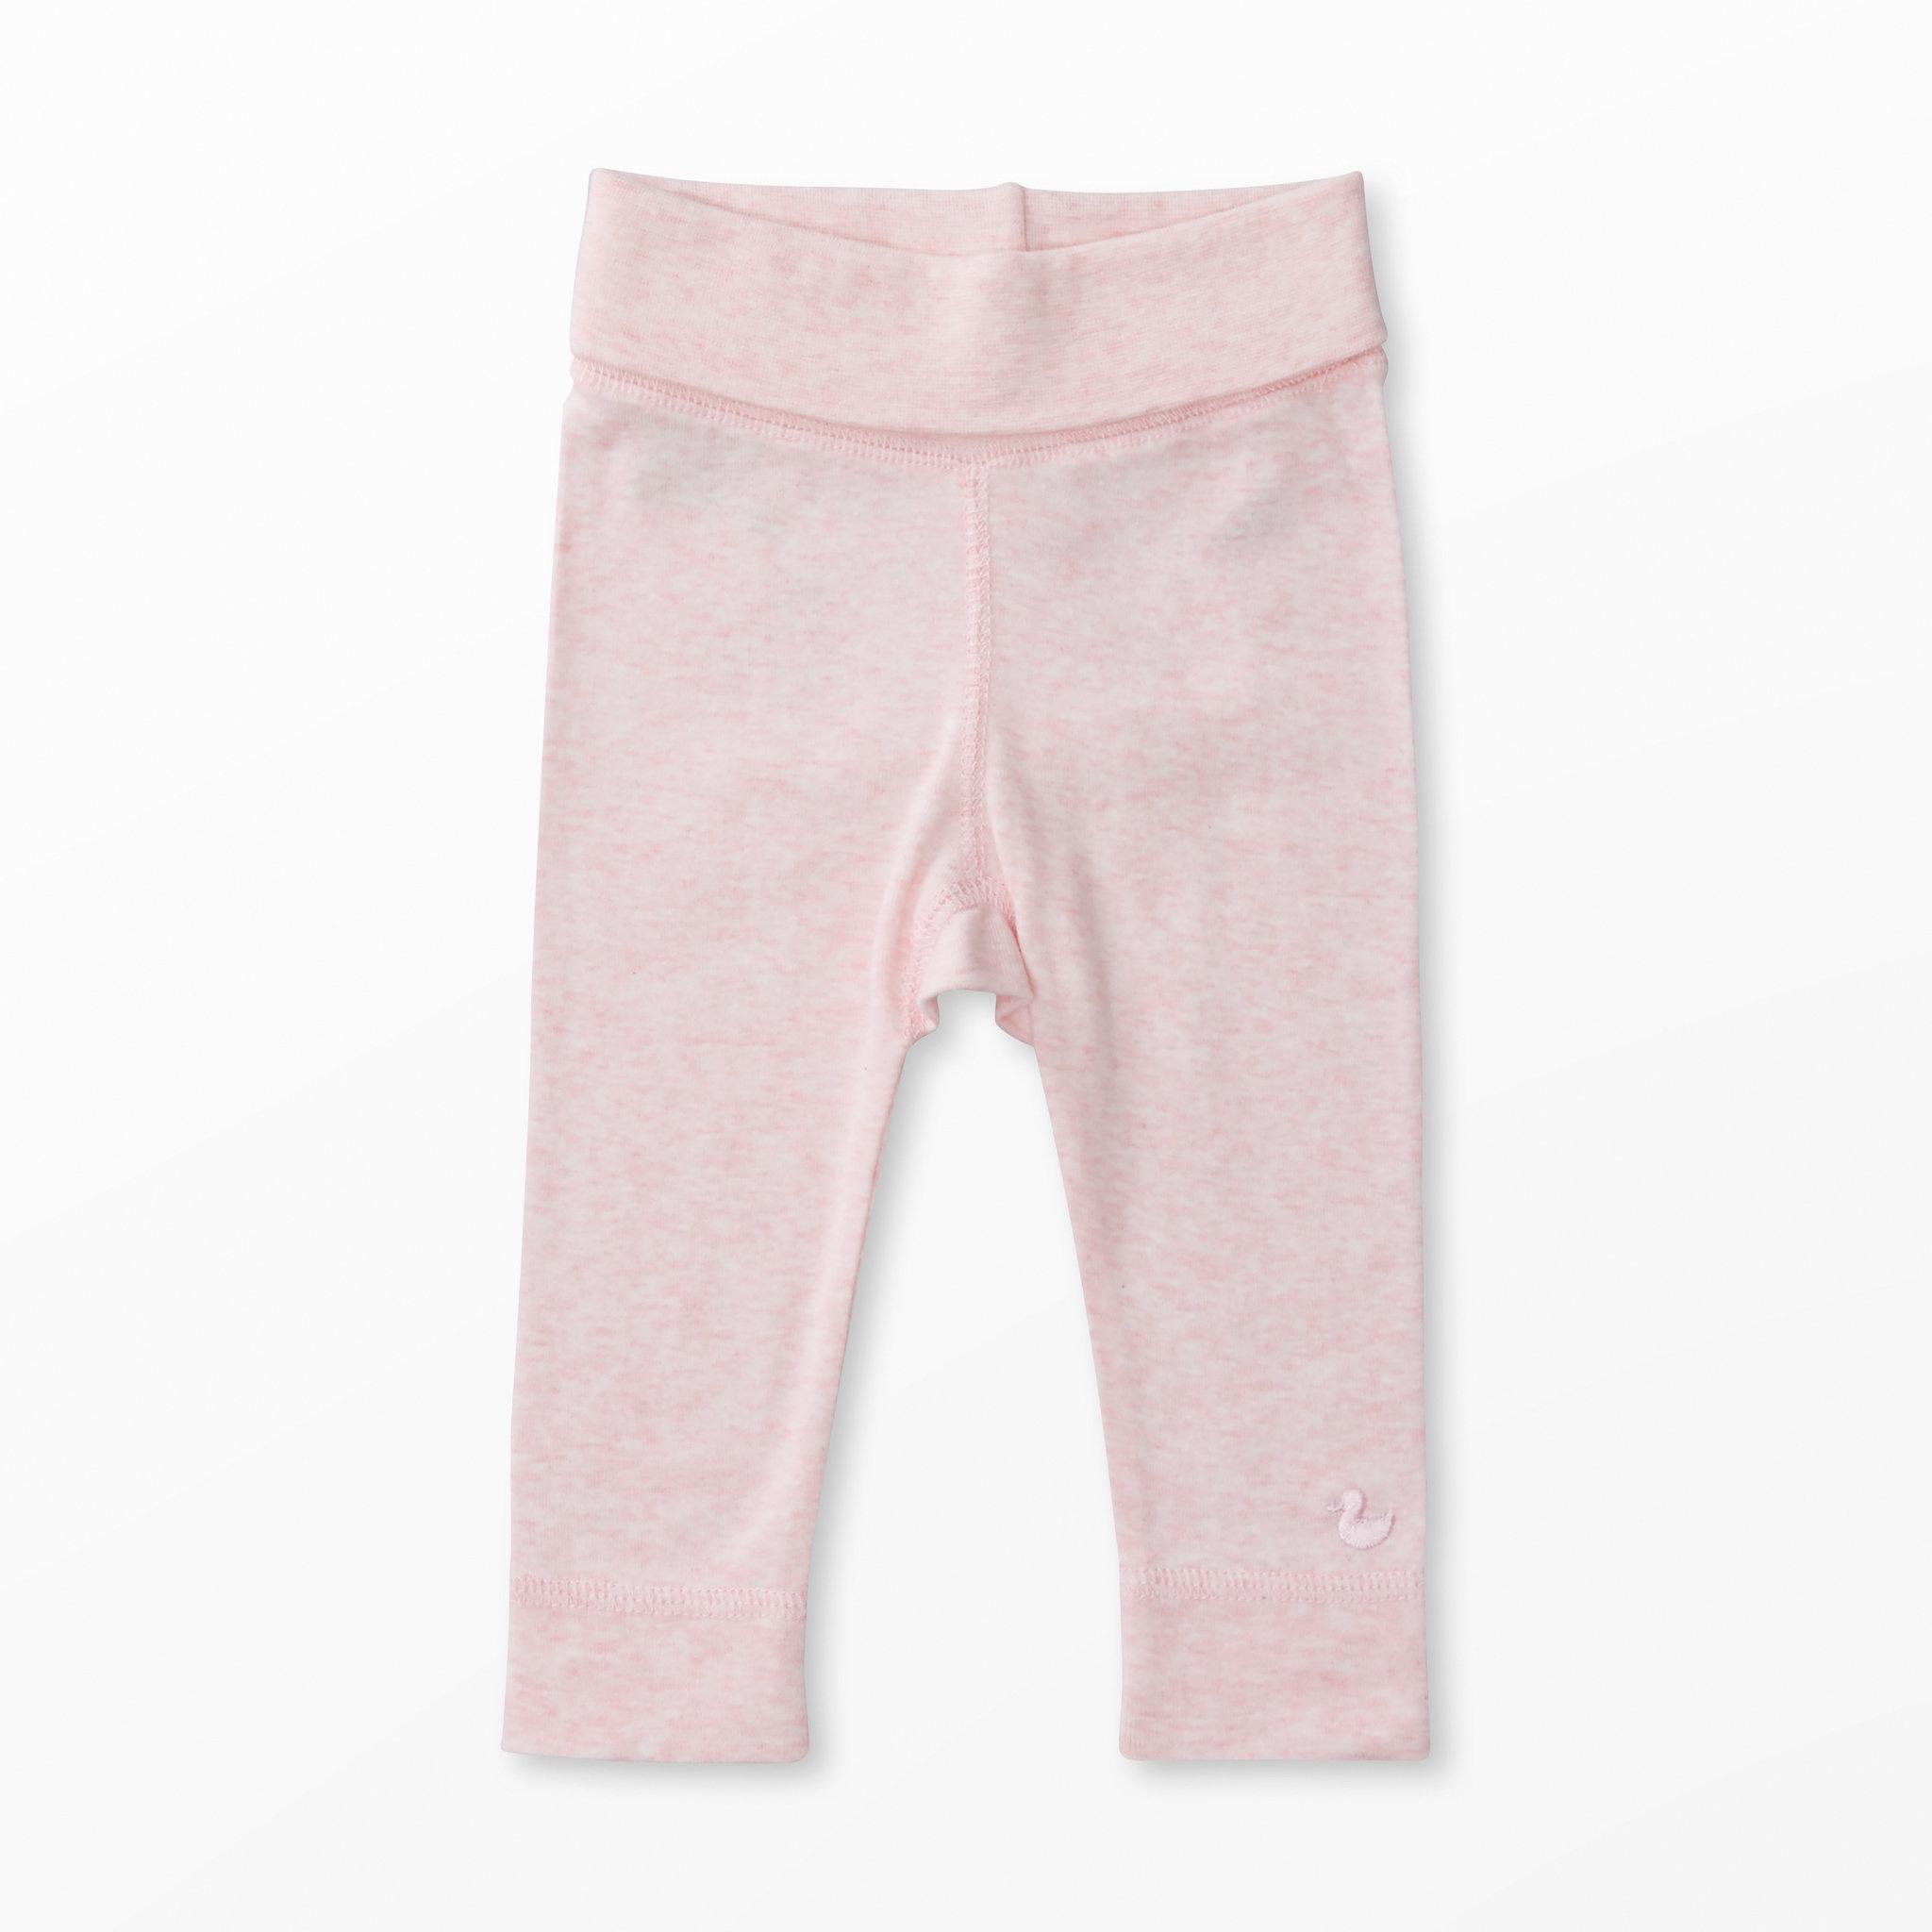 Enfärgade tights i ekologisk bomull - Underdelar - Köp online på åhlens.se! 1dbefb6d34900